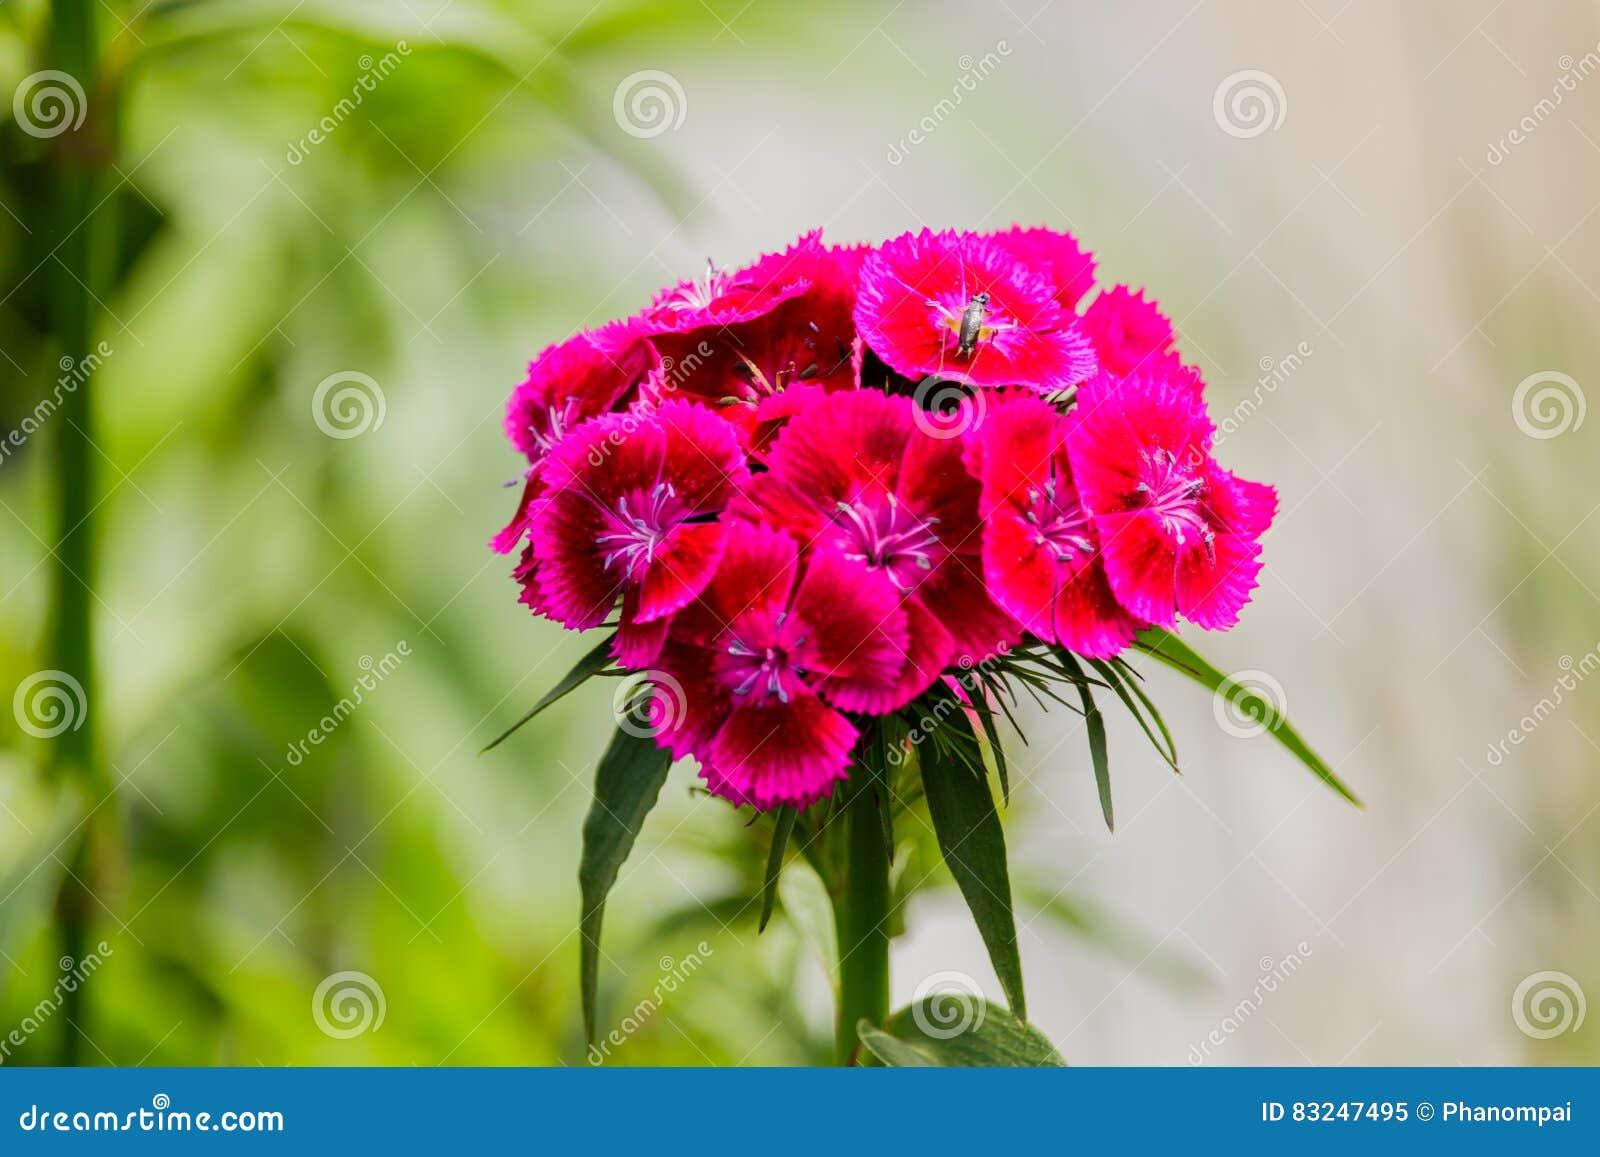 oeillet rose de fleur d'oeillet chinensis dans le jardin photo